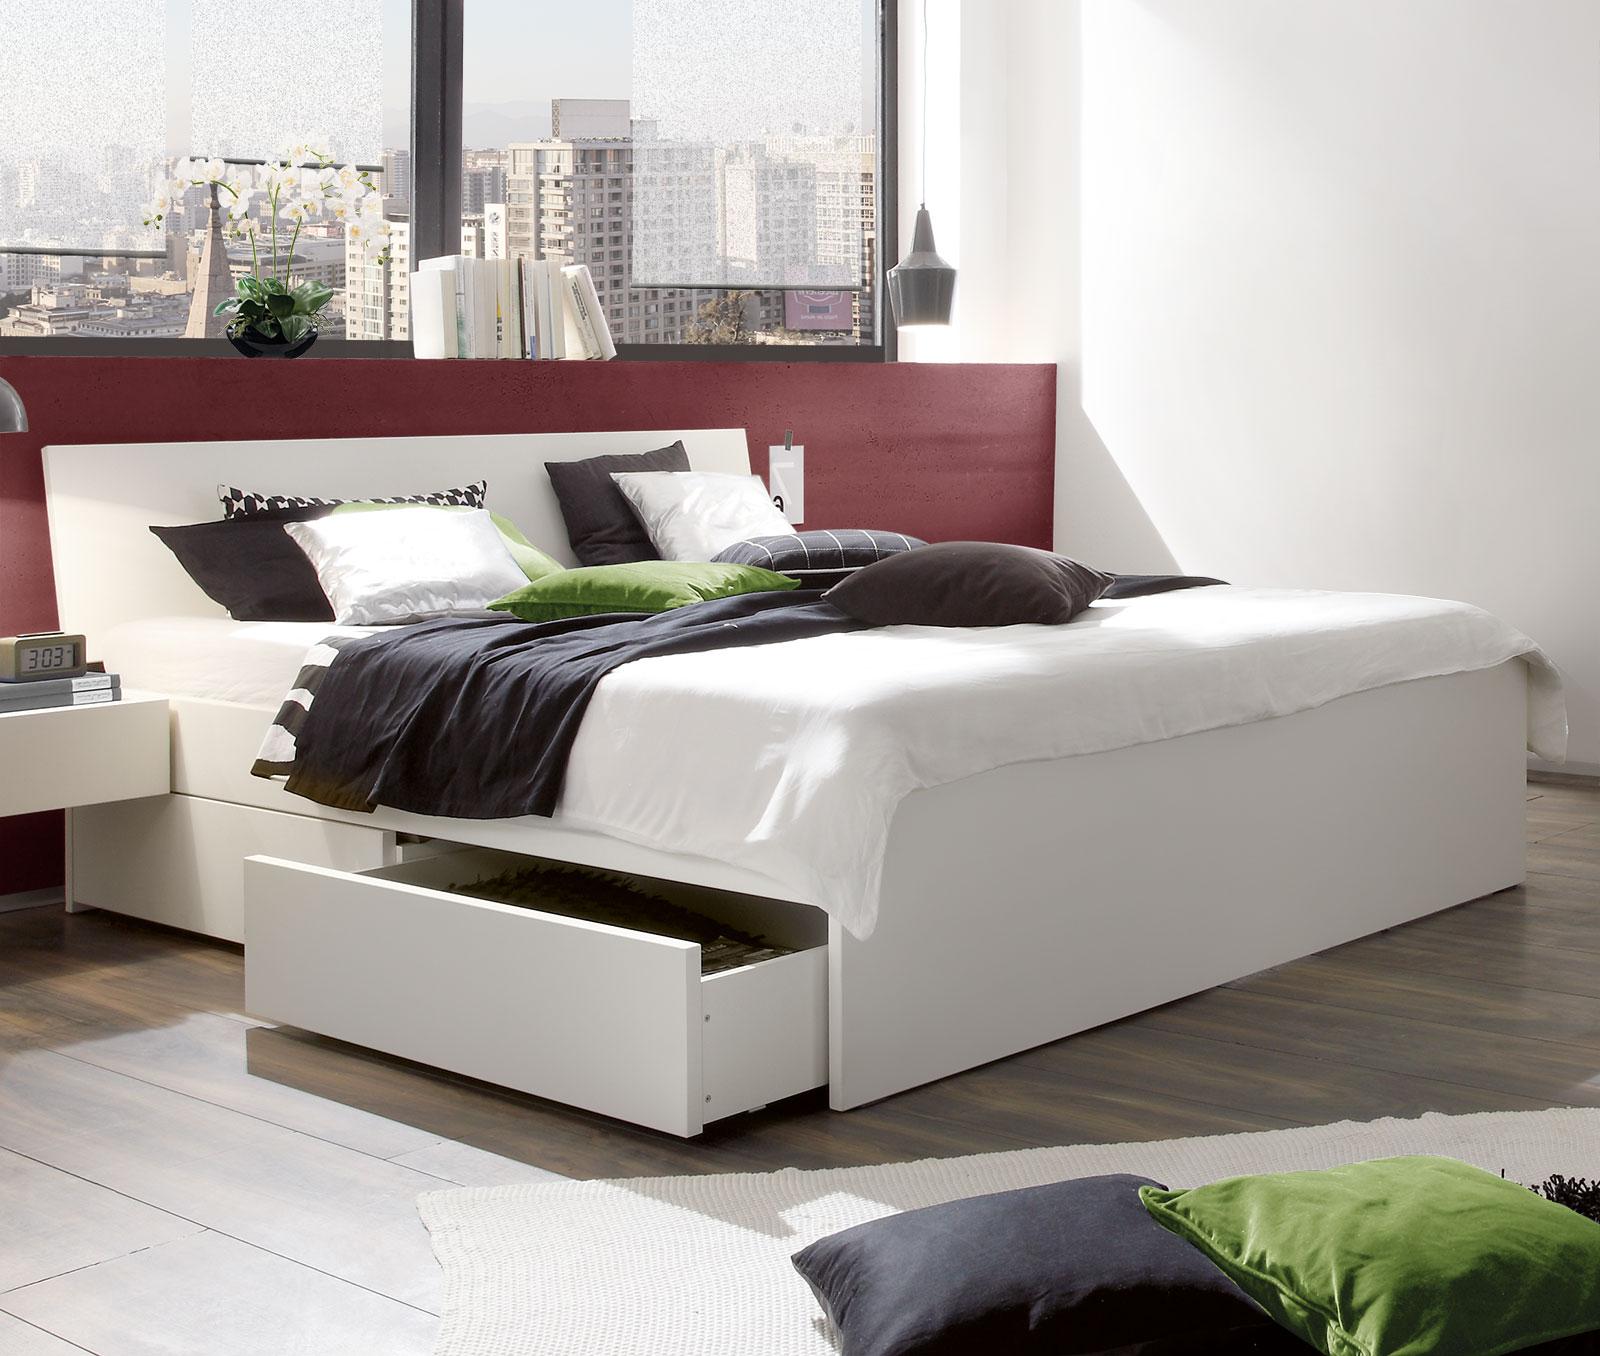 Full Size of Weißes Bett Weies Schubkasten In Bergren Erhltlich Liverpool Bambus Niedrig Betten überlänge Mit Hohem Kopfteil Balken 140x200 Weiß Großes Jugendstil Bett Weißes Bett